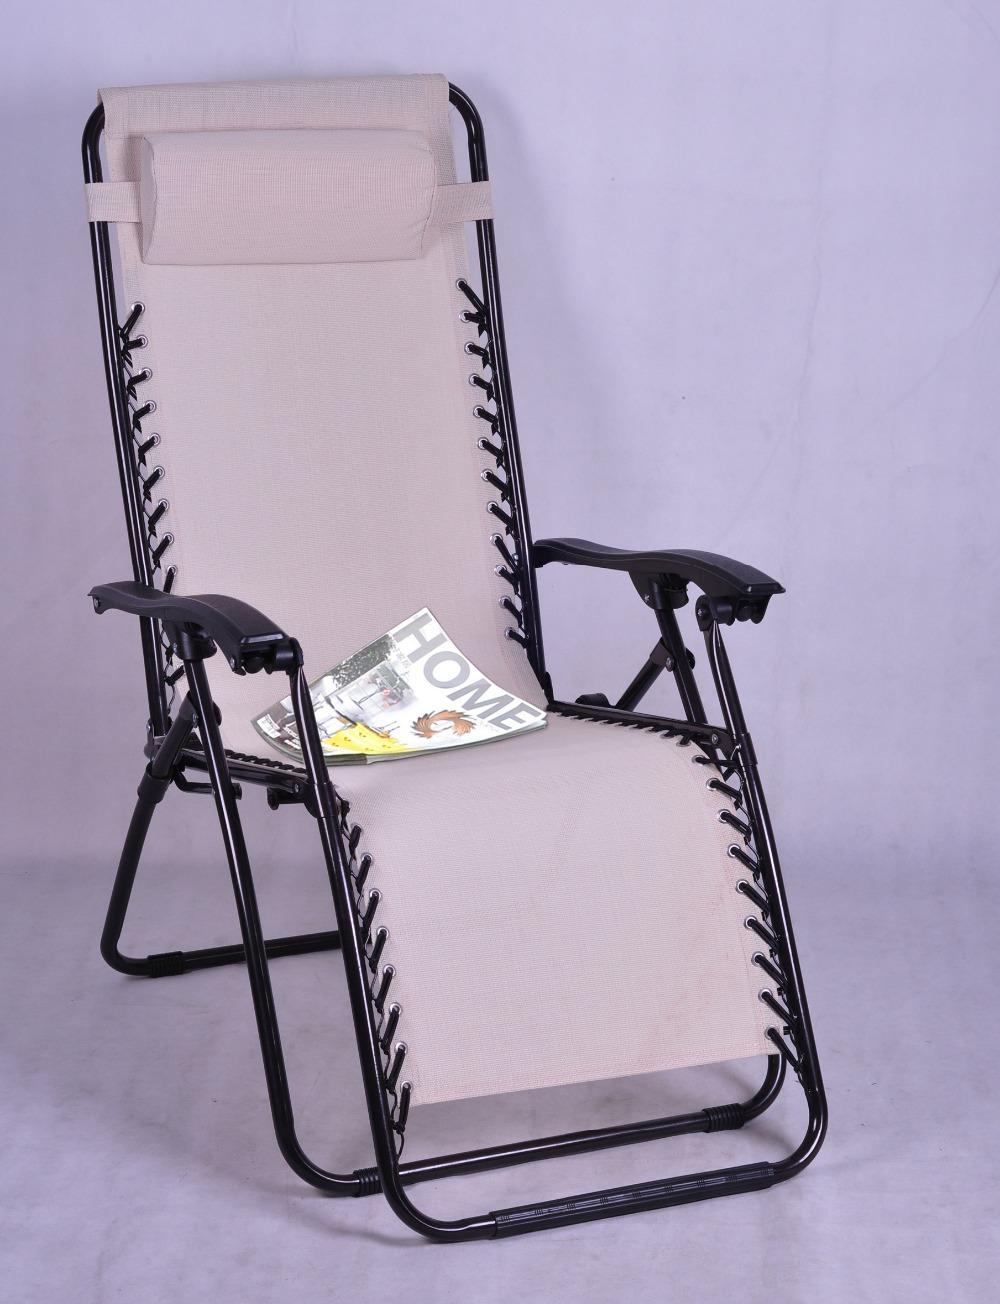 Venda quente interior e exterior Furnitue preto / bege Loire Zero cadeira gravidade reclinar espreguiçadeira cadeira Folding Chair Metal(China (Mainland))